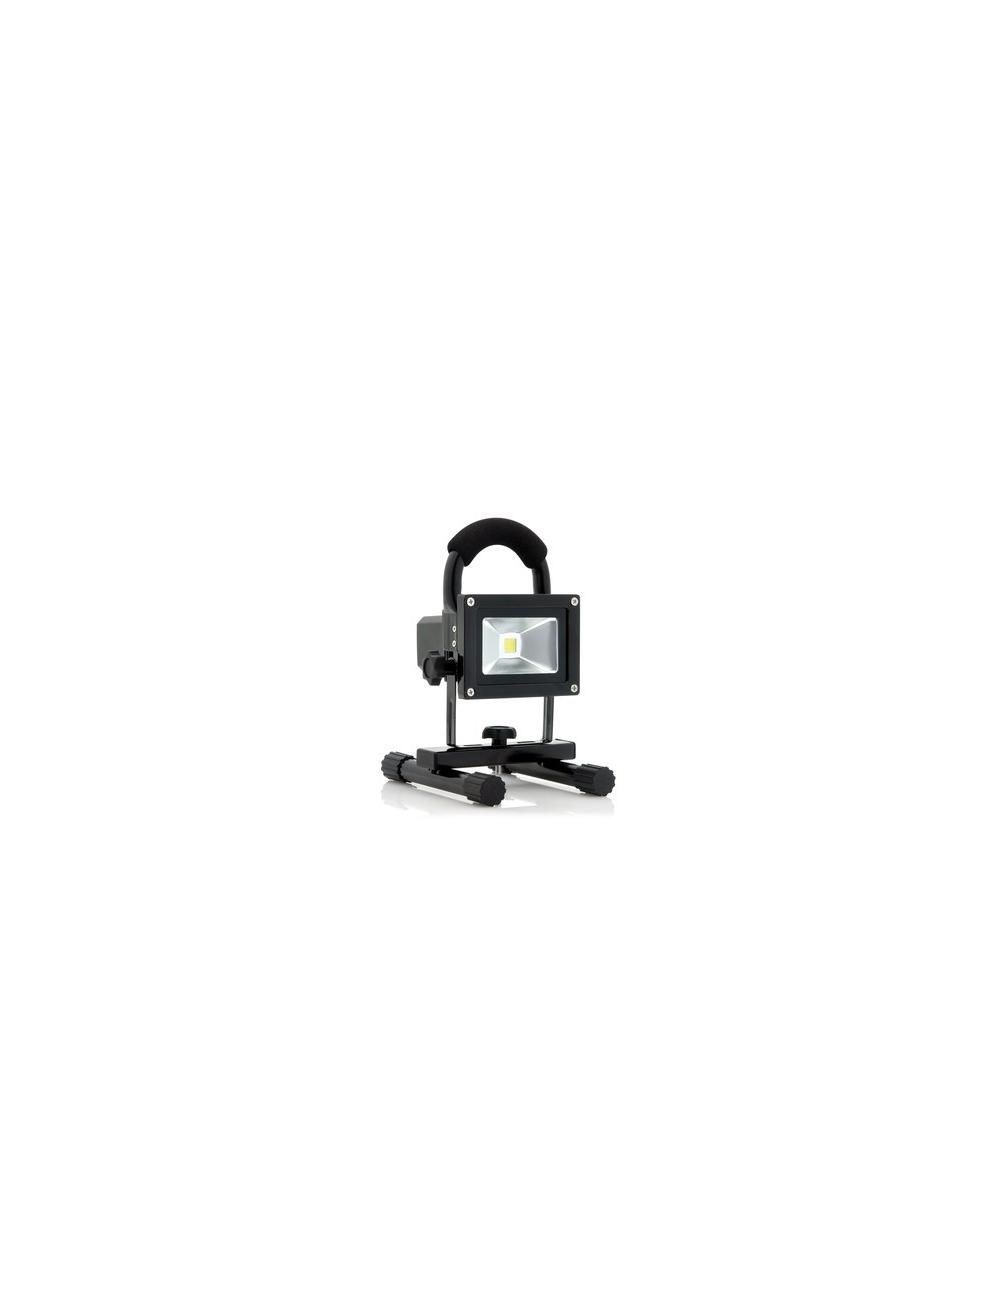 Projecteur 10W sur batterie Lithium 7,4V 4,4Ah 600 Lumens